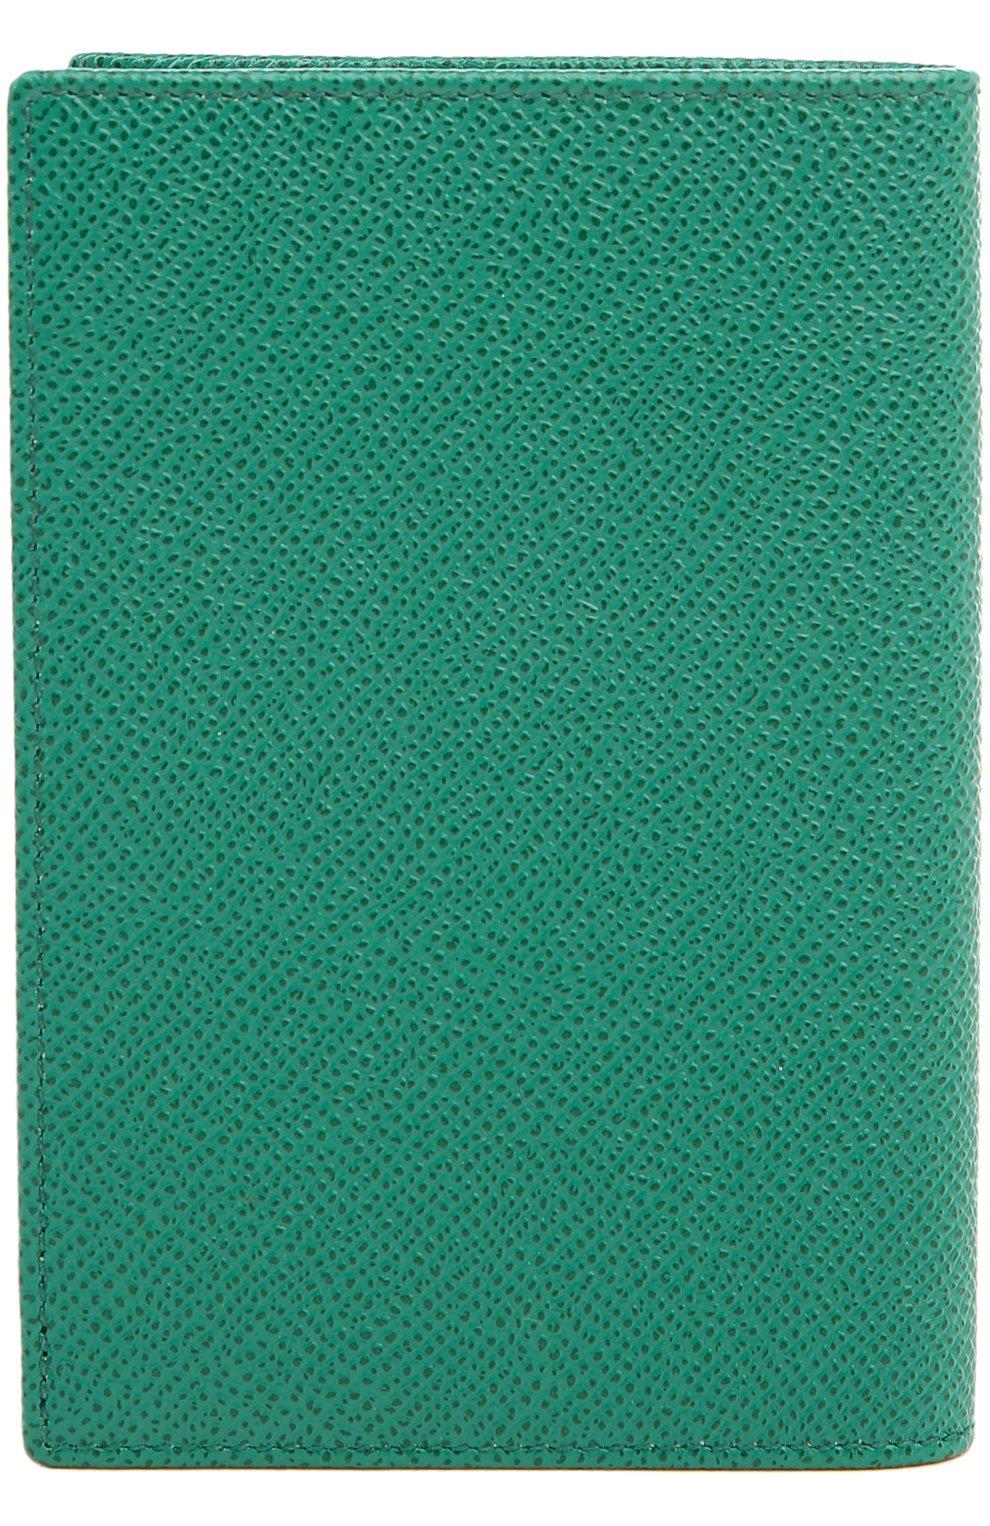 Кожаная обложка для паспорта Dolce & Gabbana зеленого цвета   Фото №2